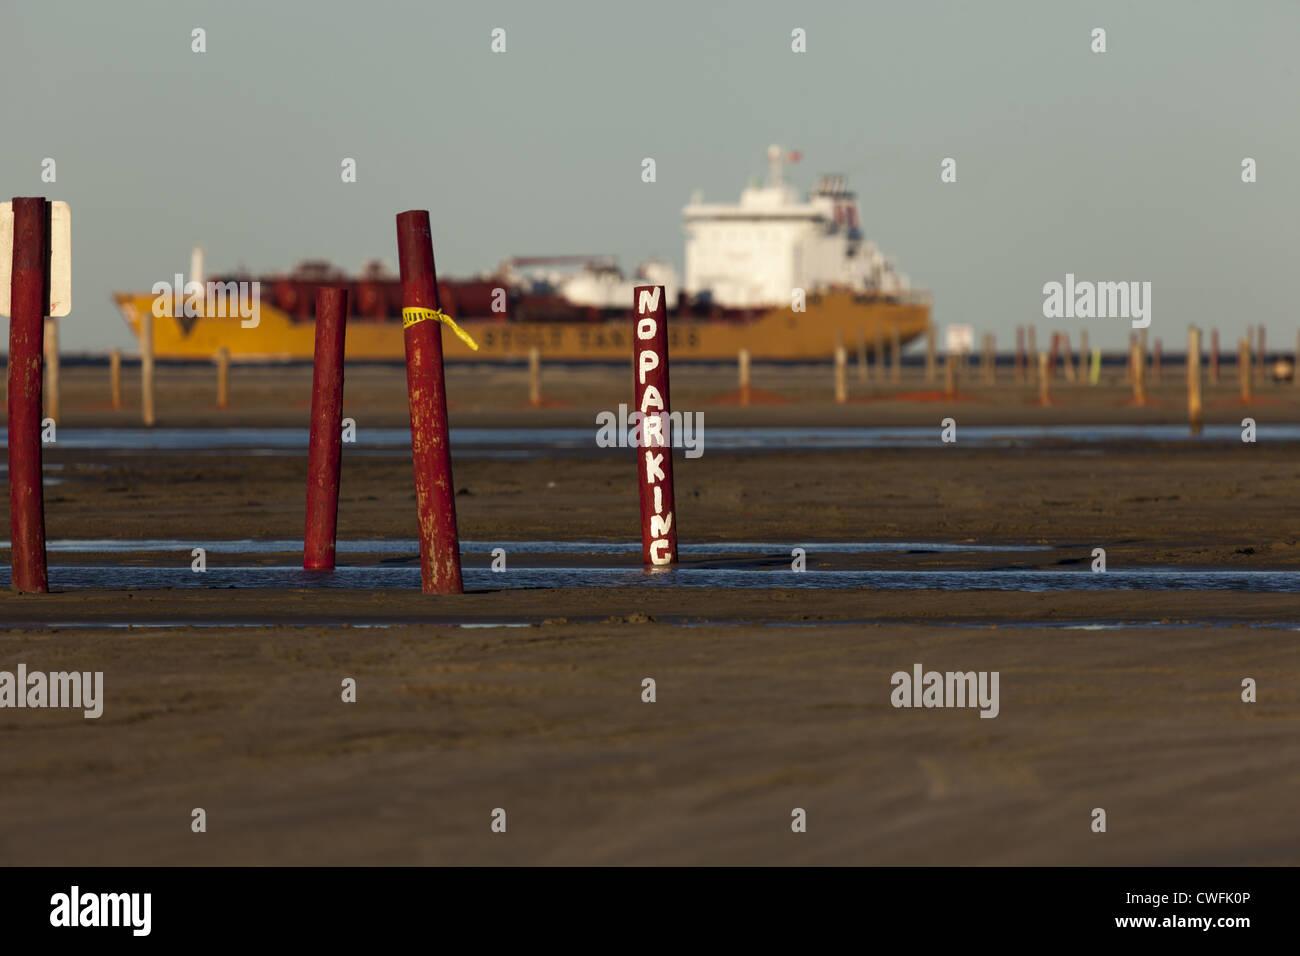 No hay señal de estacionamiento mano pintada en la pole con el buque de carga en el fondo que parece estar Imagen De Stock